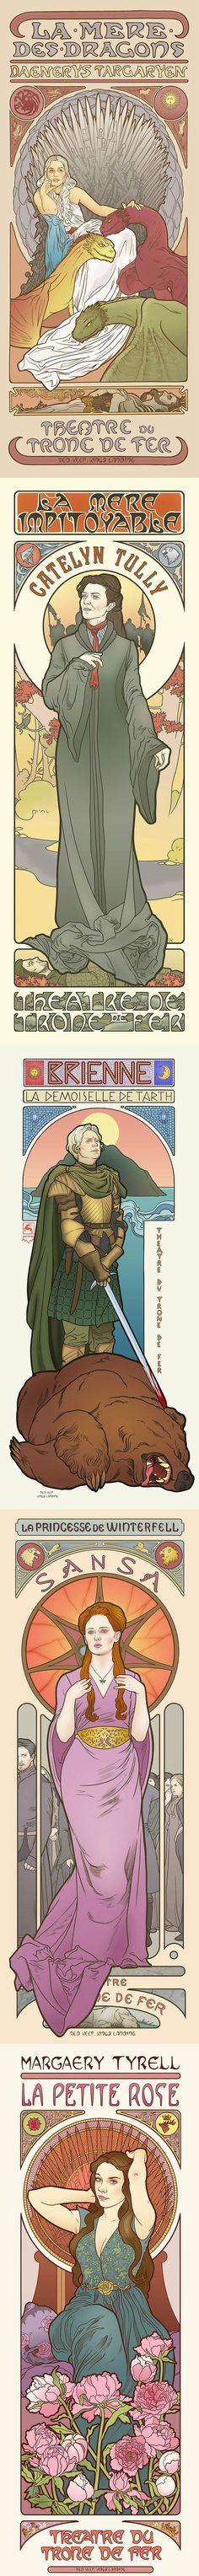 Les femmes de Game of Thrones en Art Nouveau